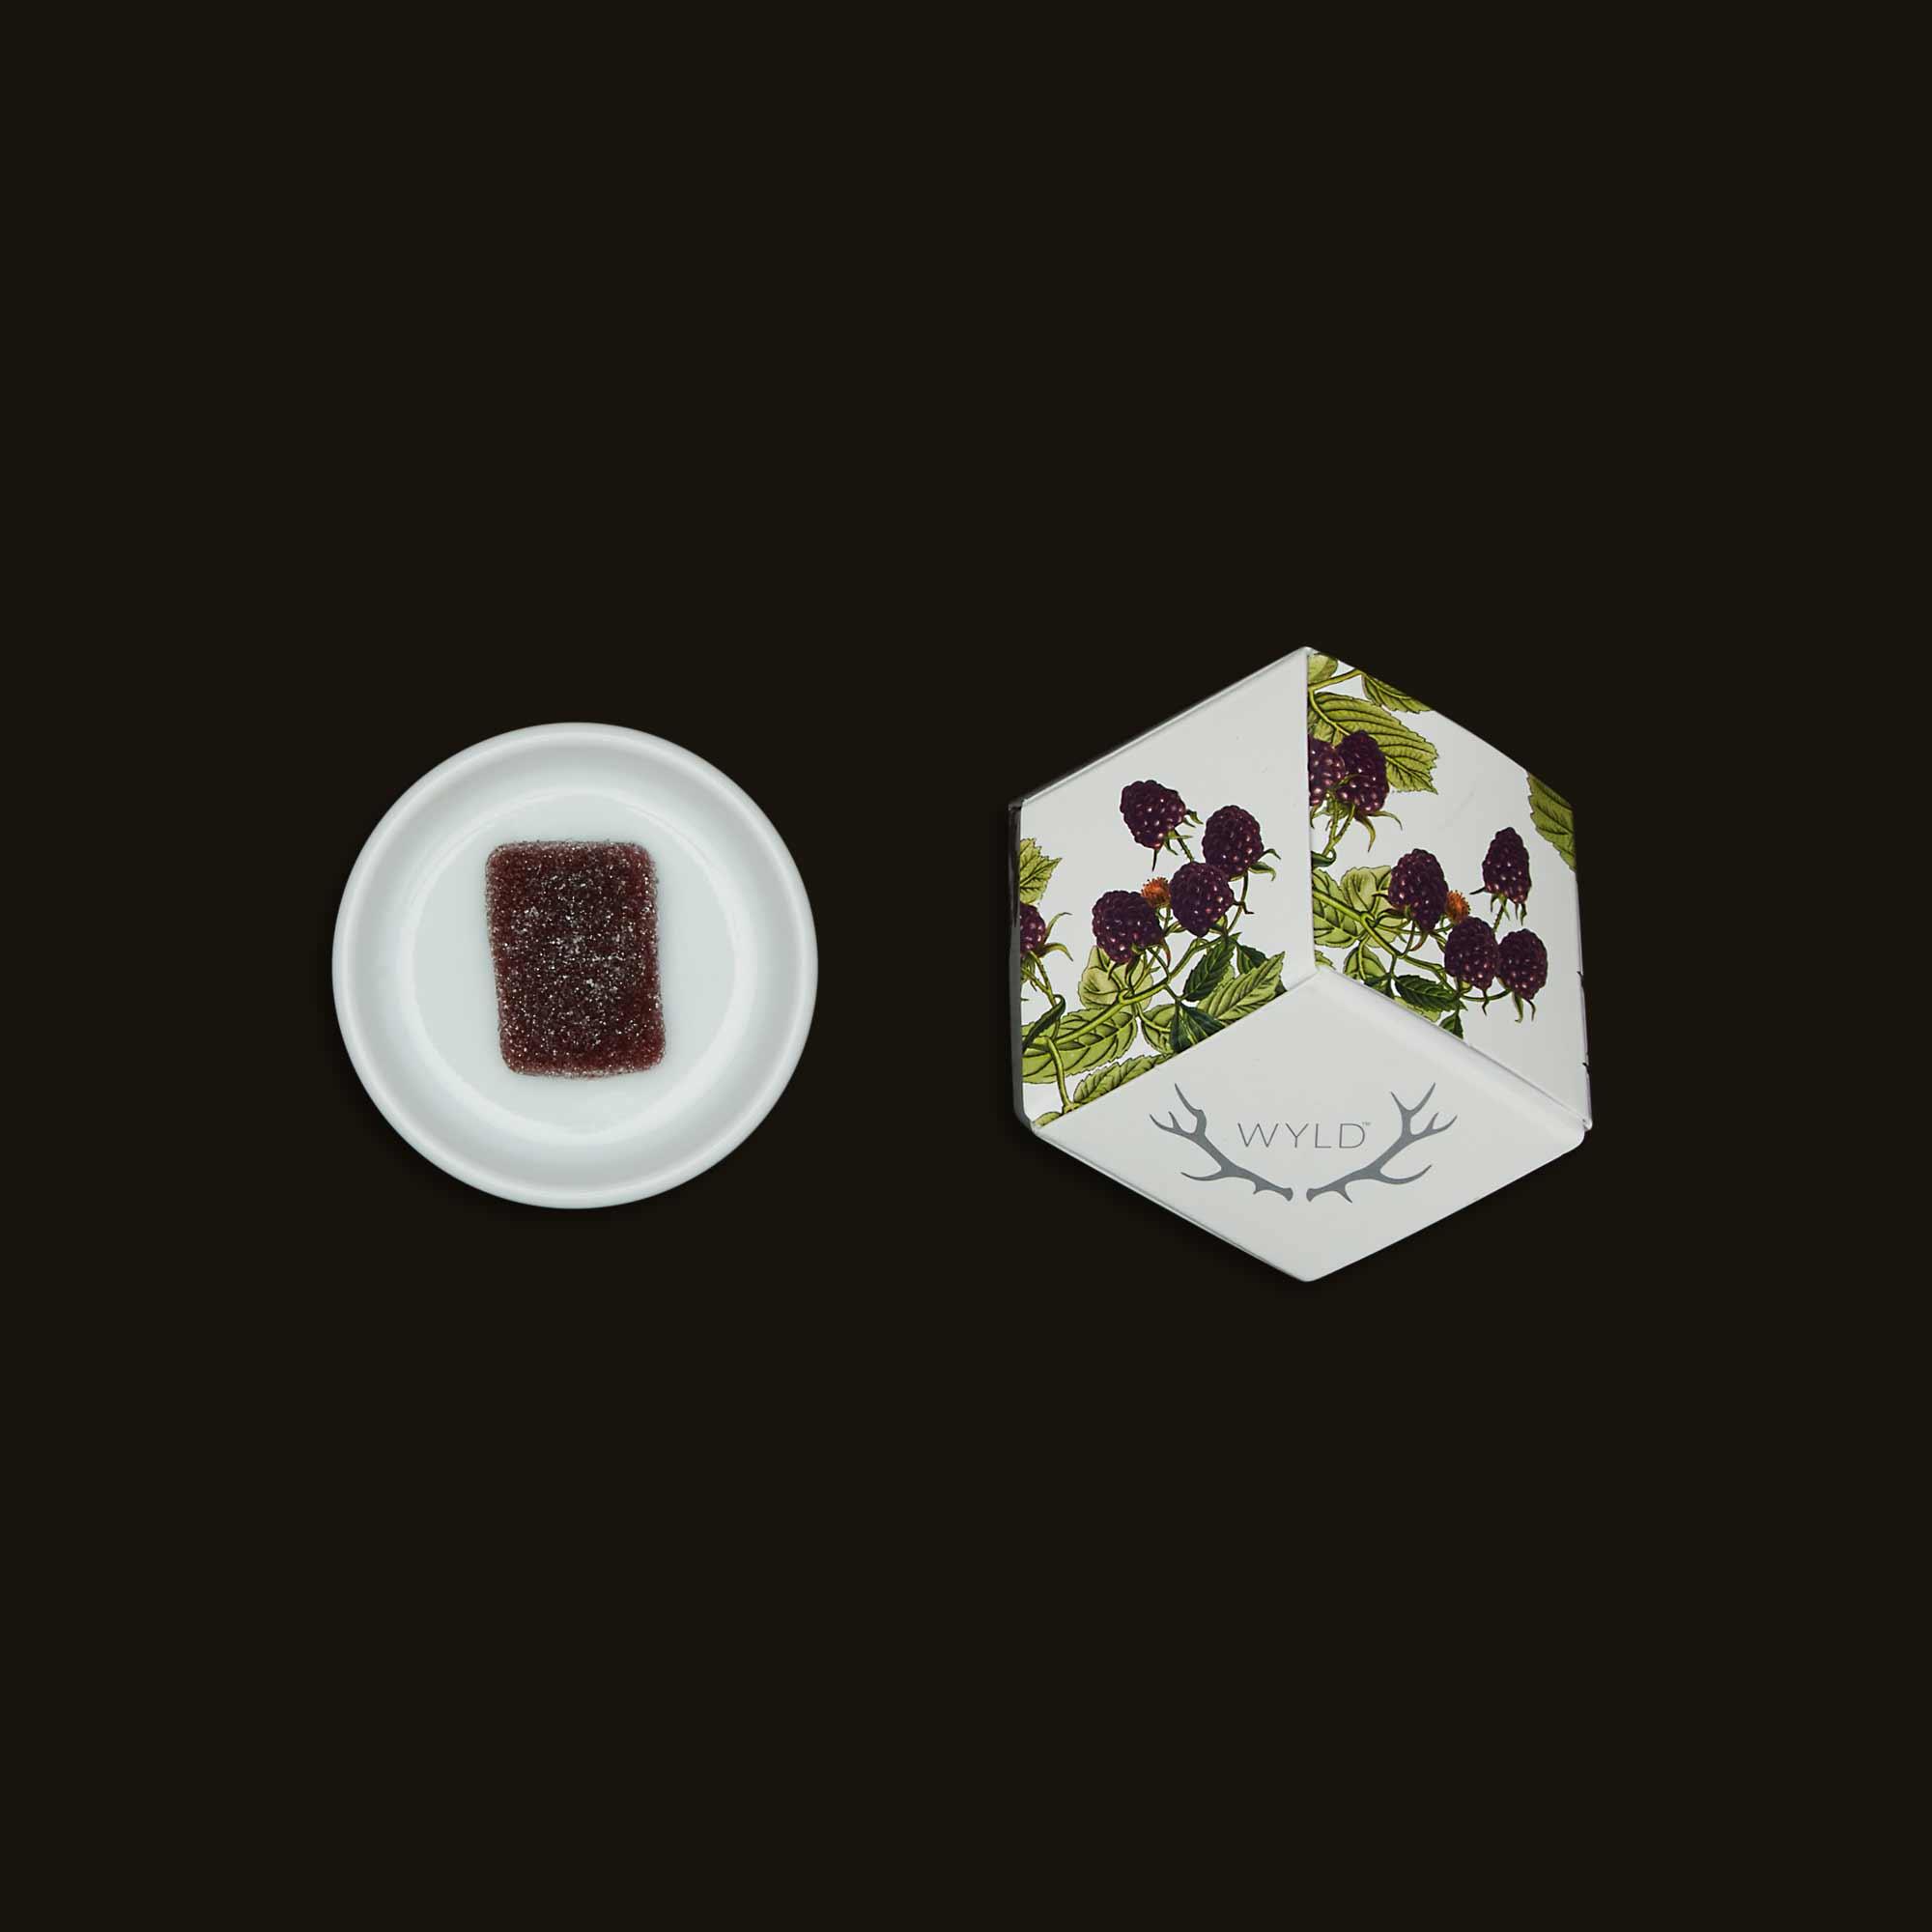 Wyld Marionberry Gummies